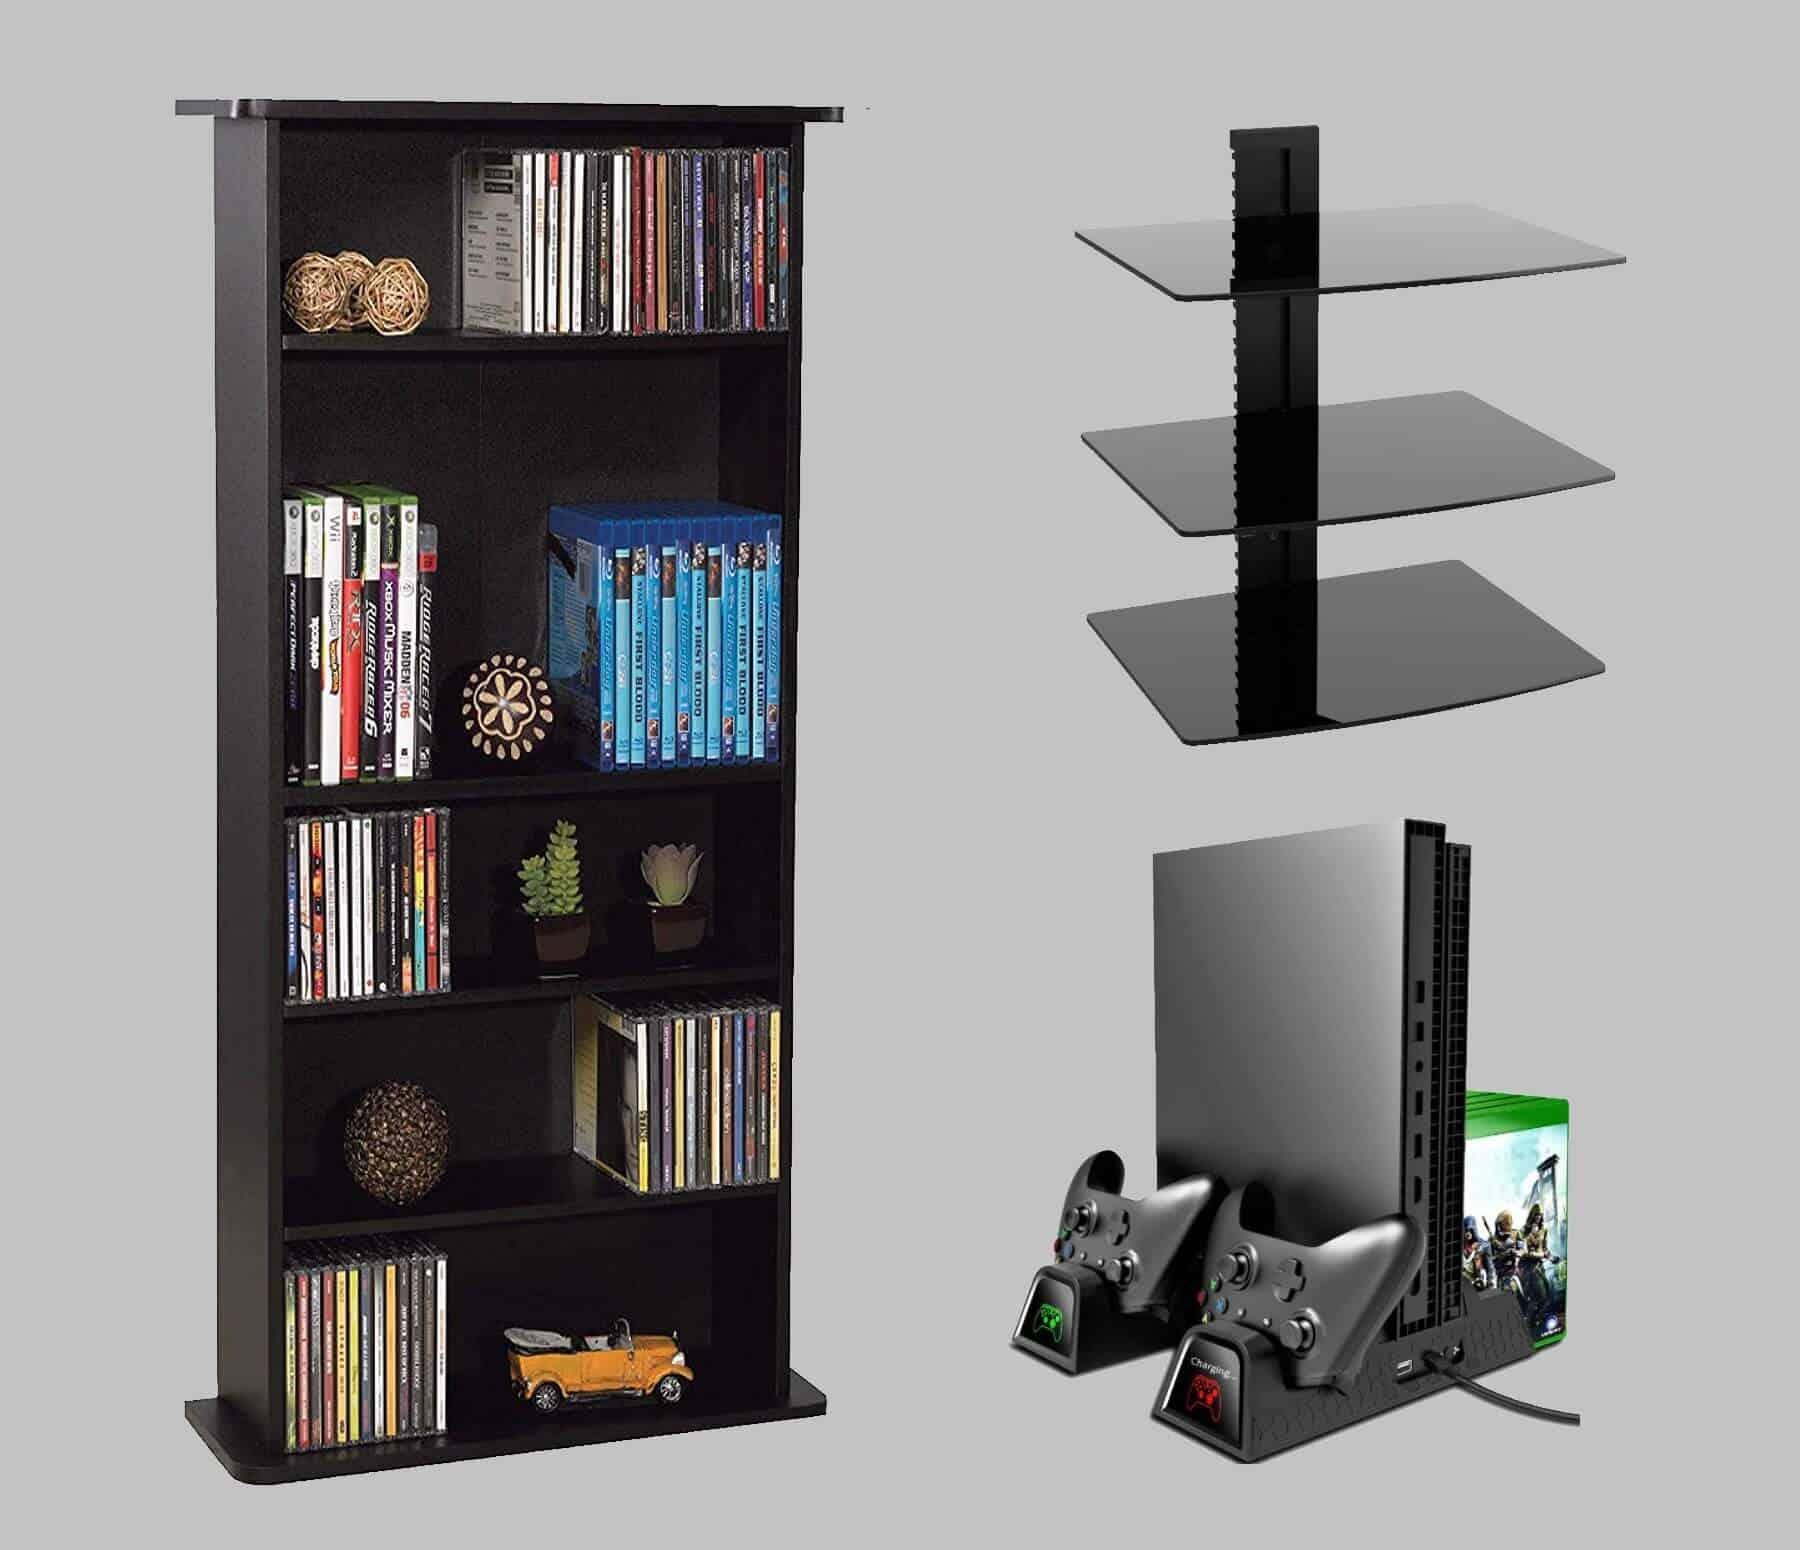 Best Video Game Shelves